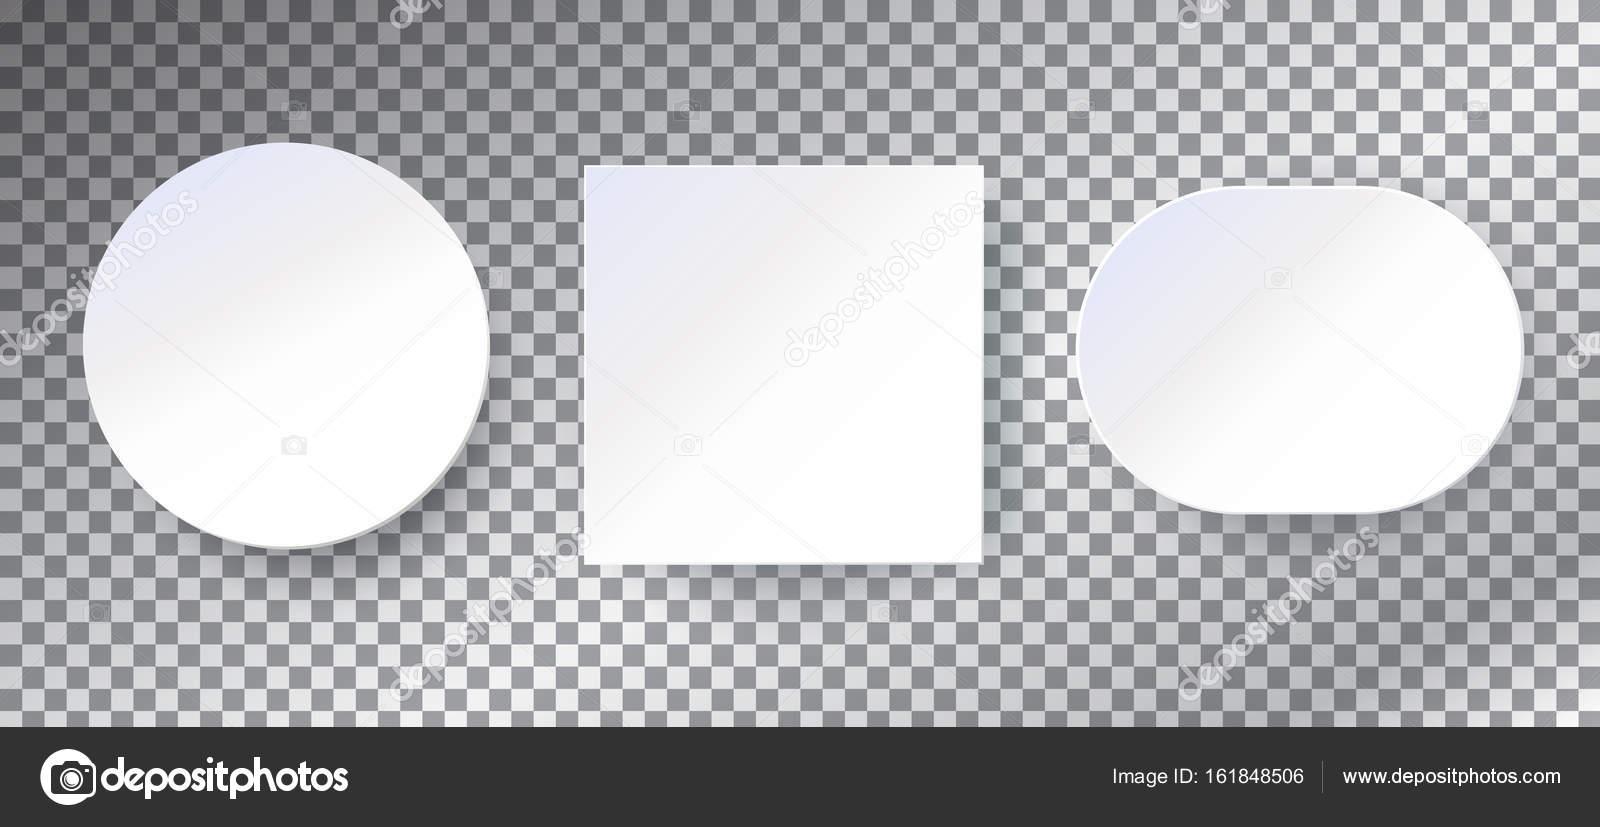 Fotogramas de papel conjunto. Marcos blanco de papel 3d sobre fondo ...